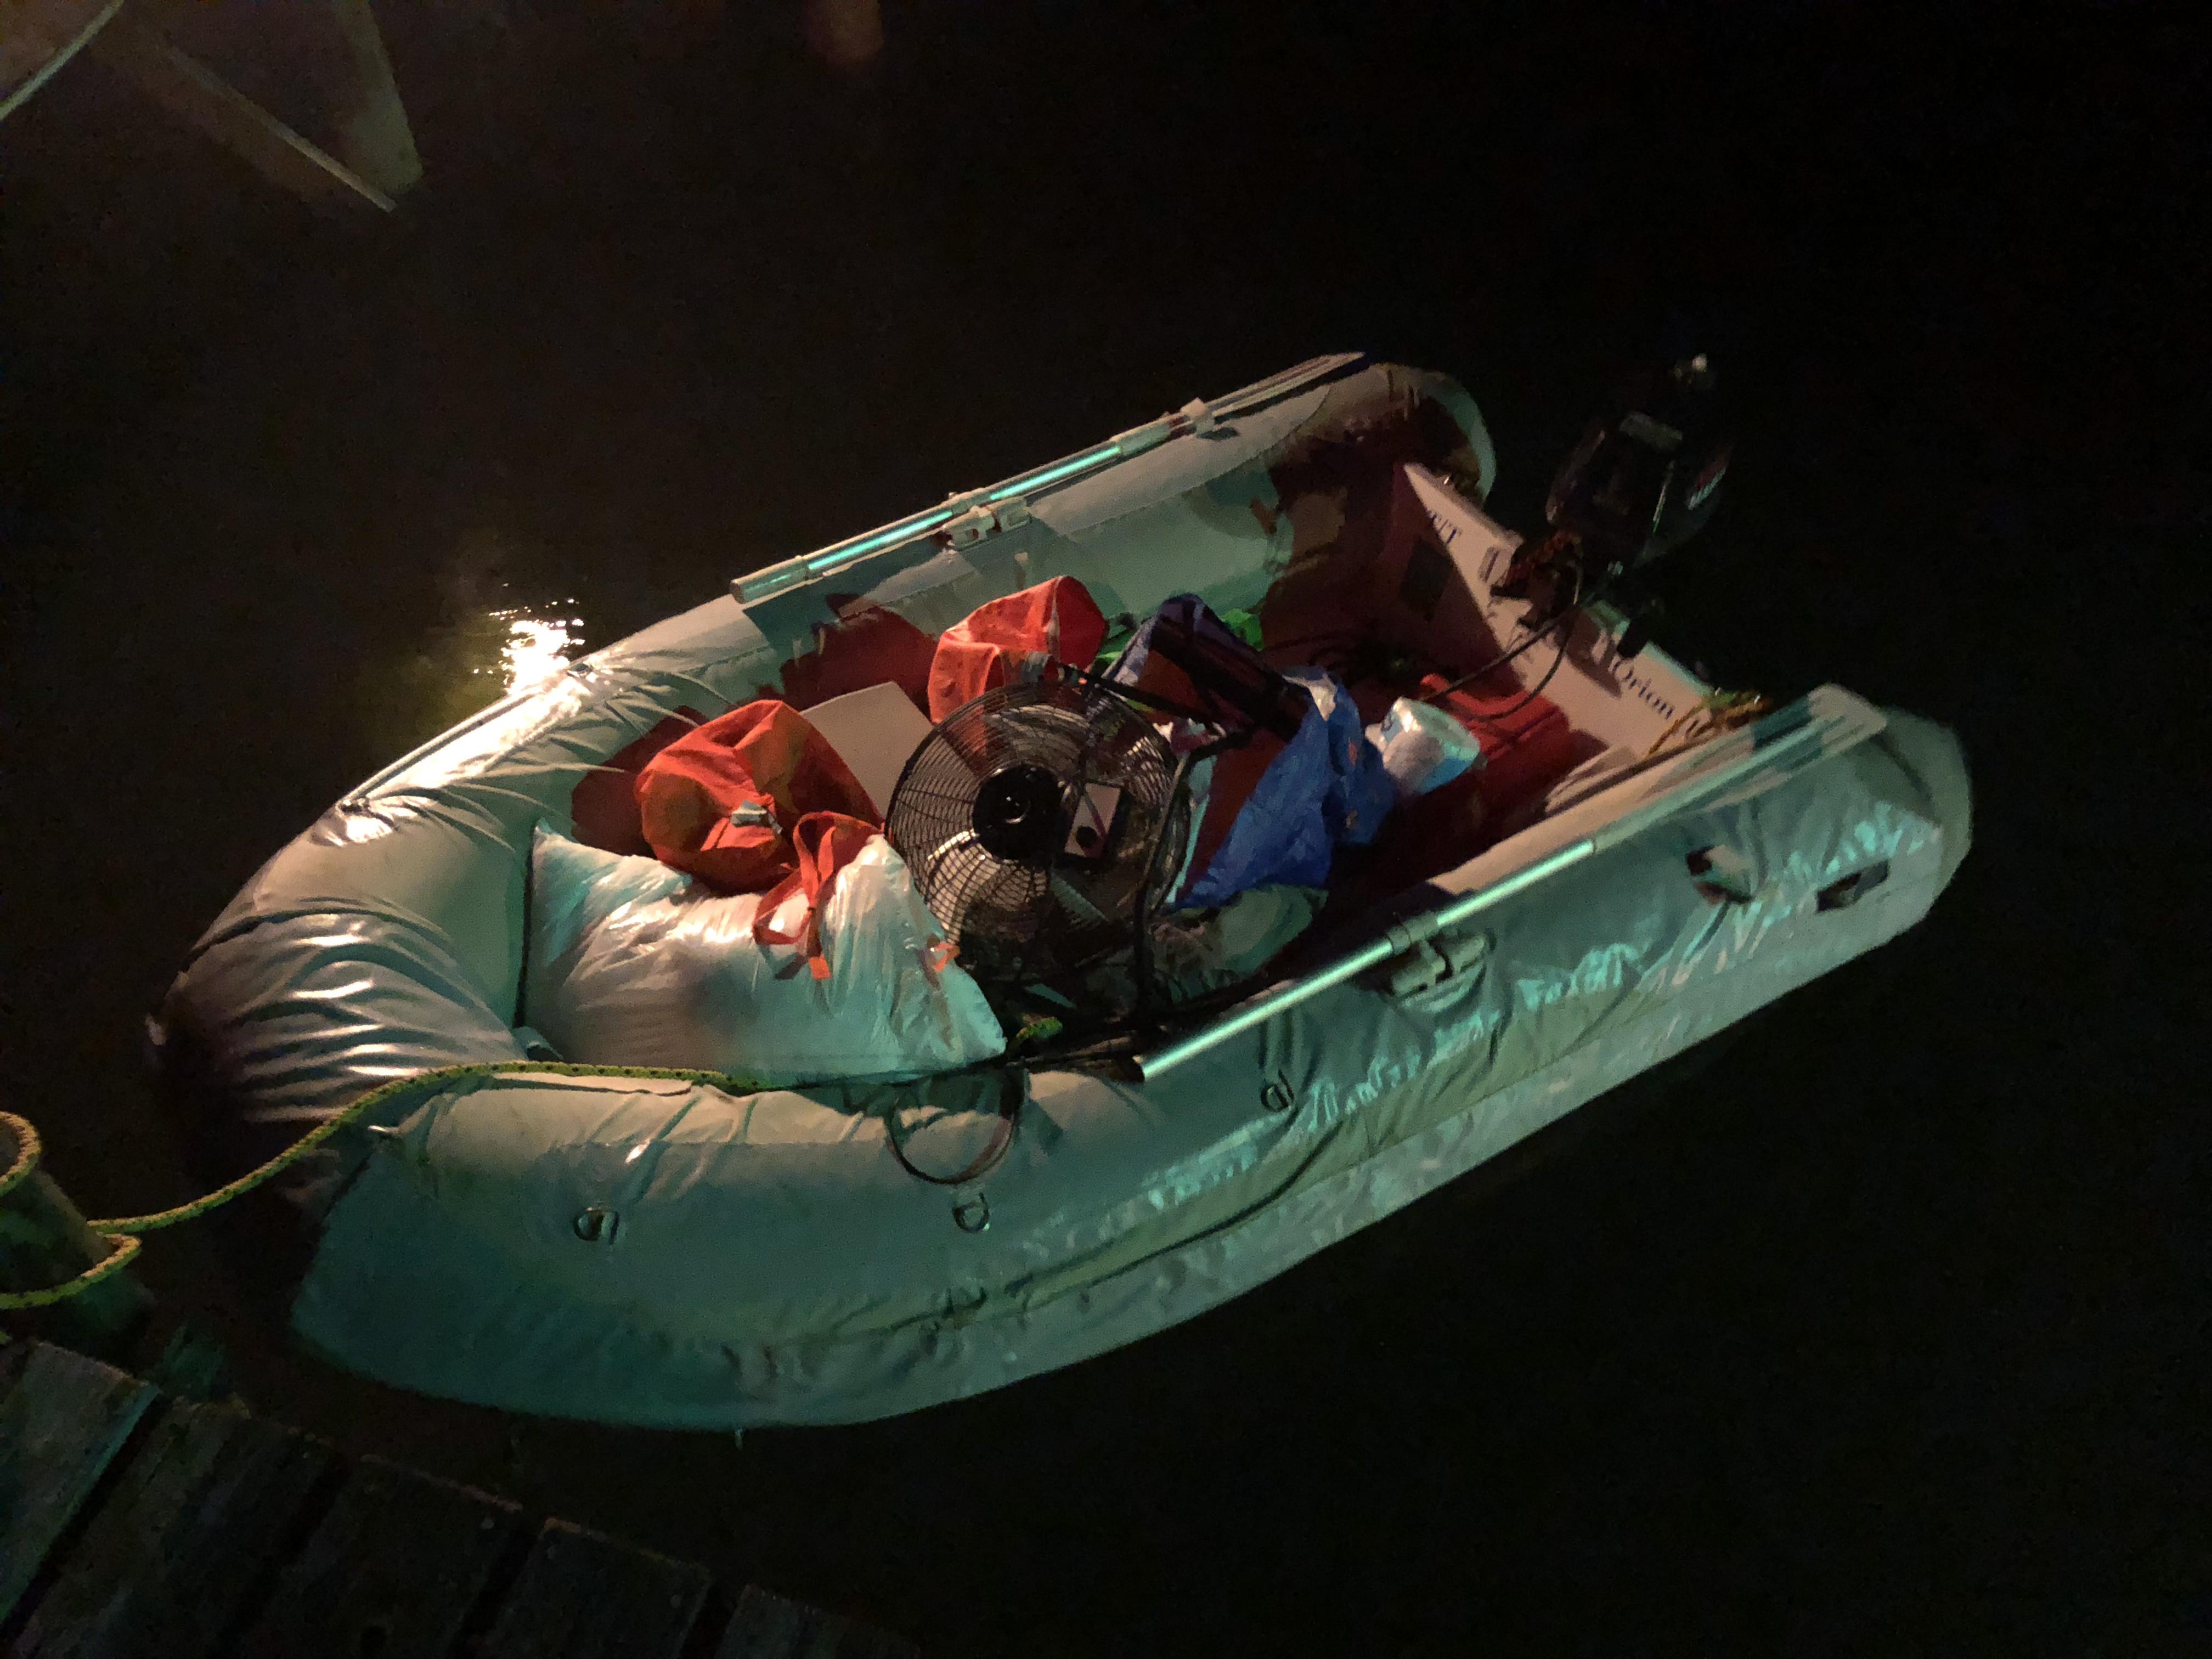 dinghy load